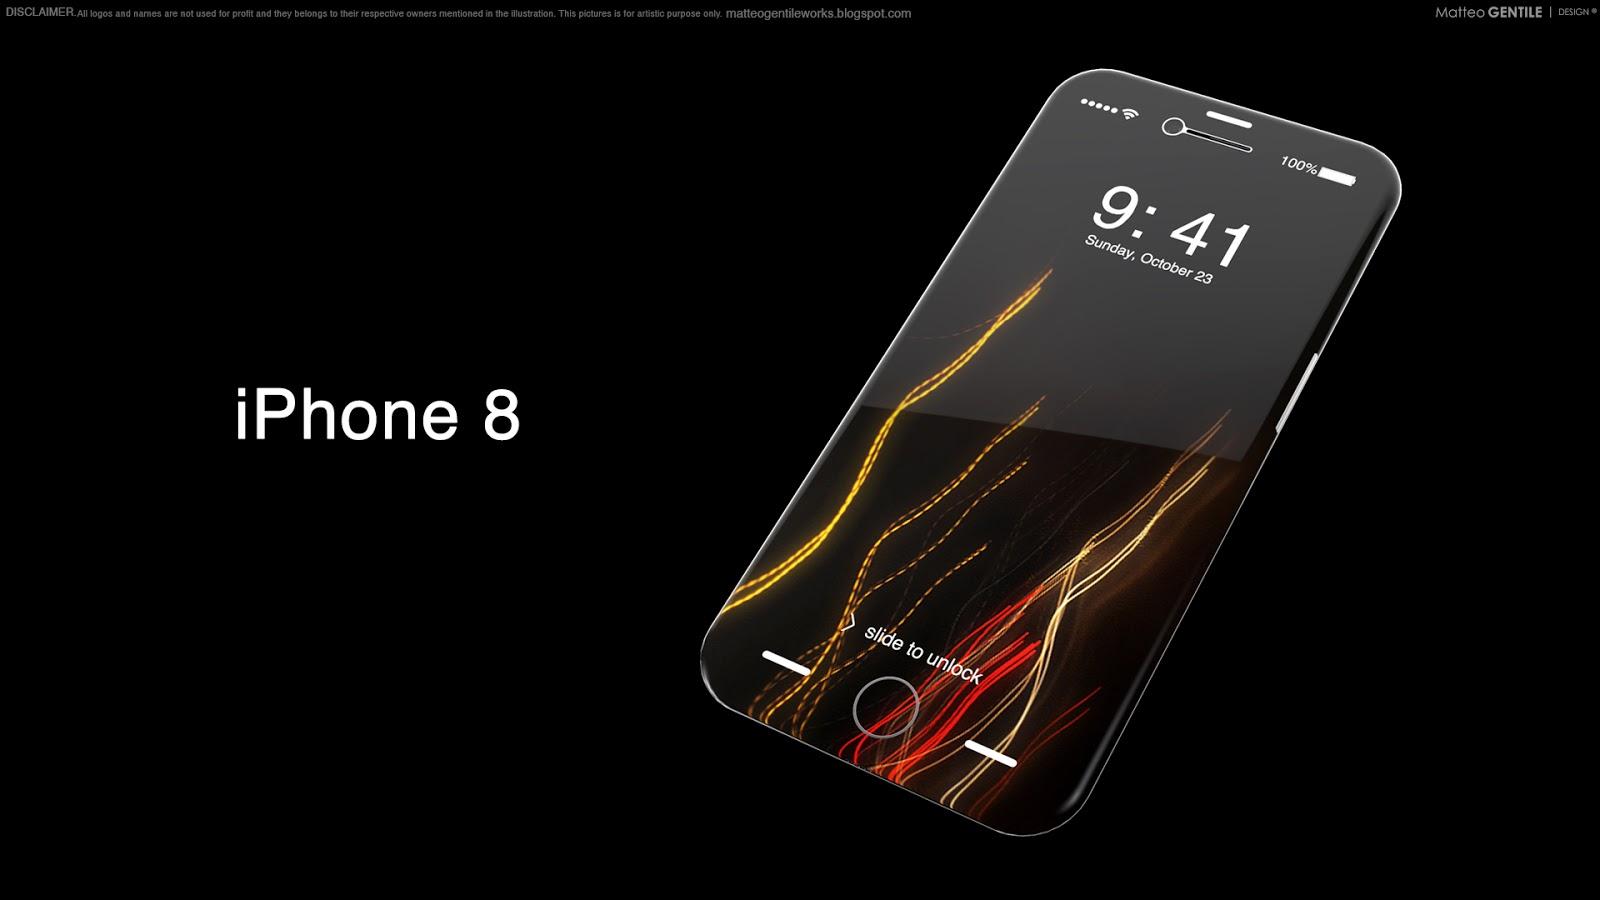 Matteo Gentile iphone 8 concept 10 1024x576 - Apple : l